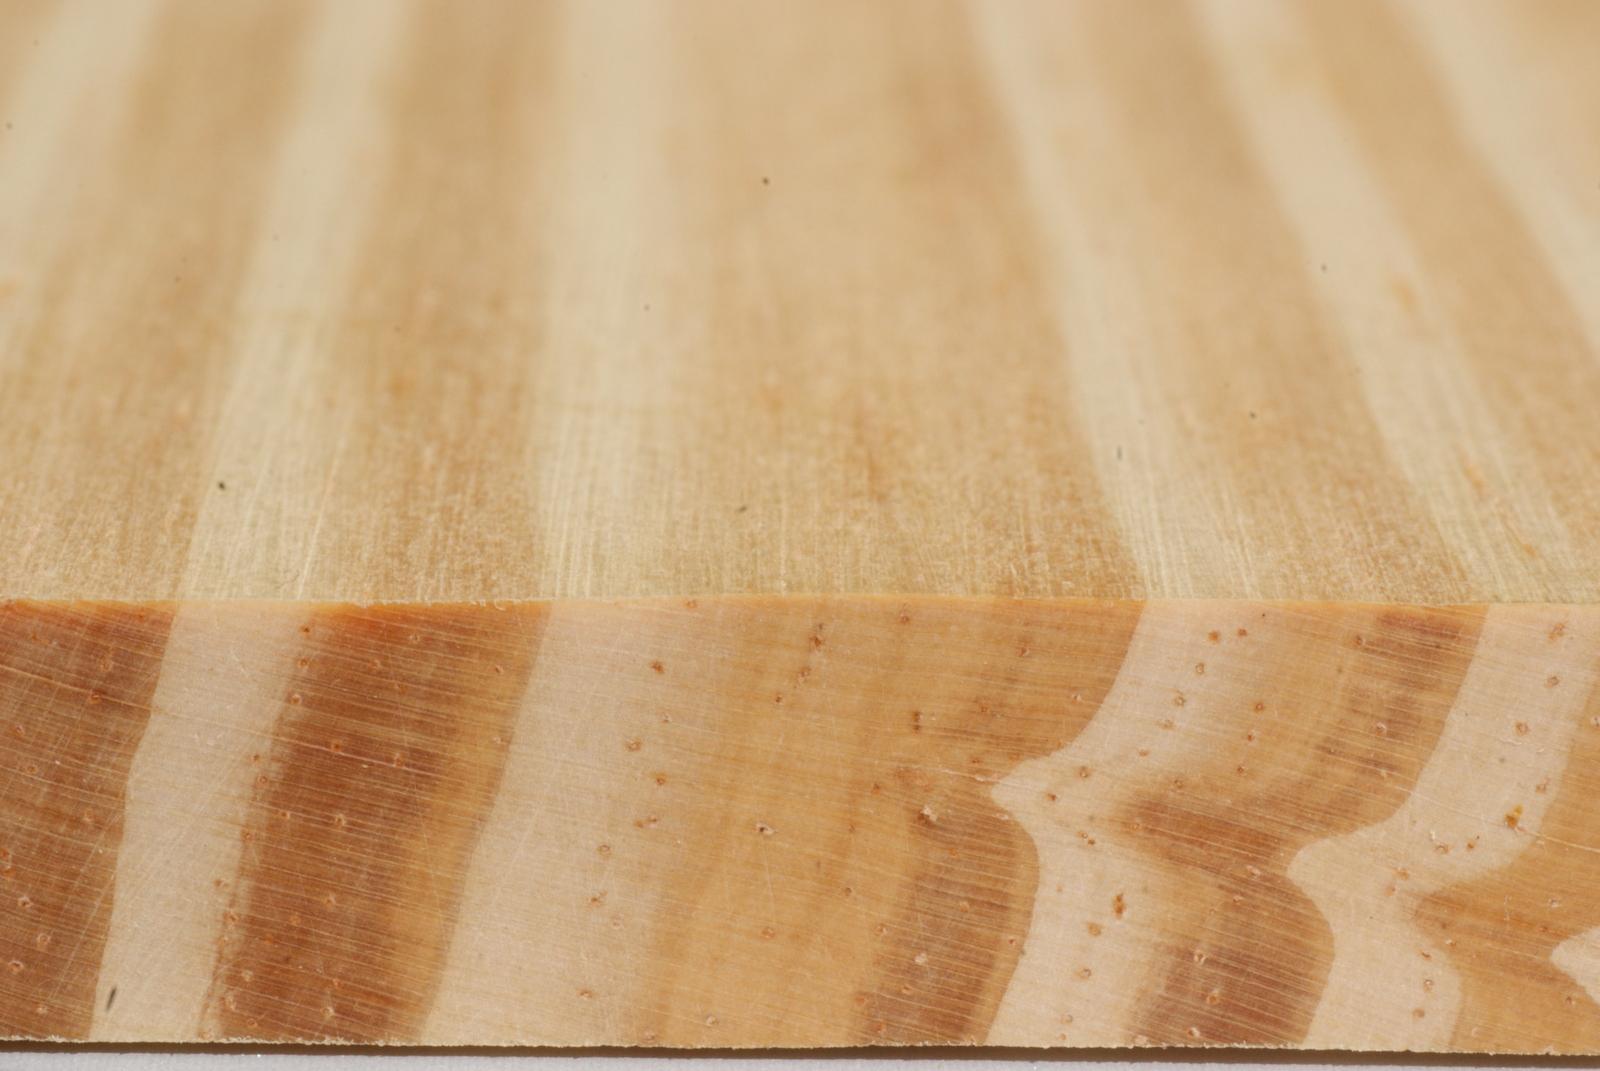 pitch pine - merkmale & eigenschaften - holz vom fach